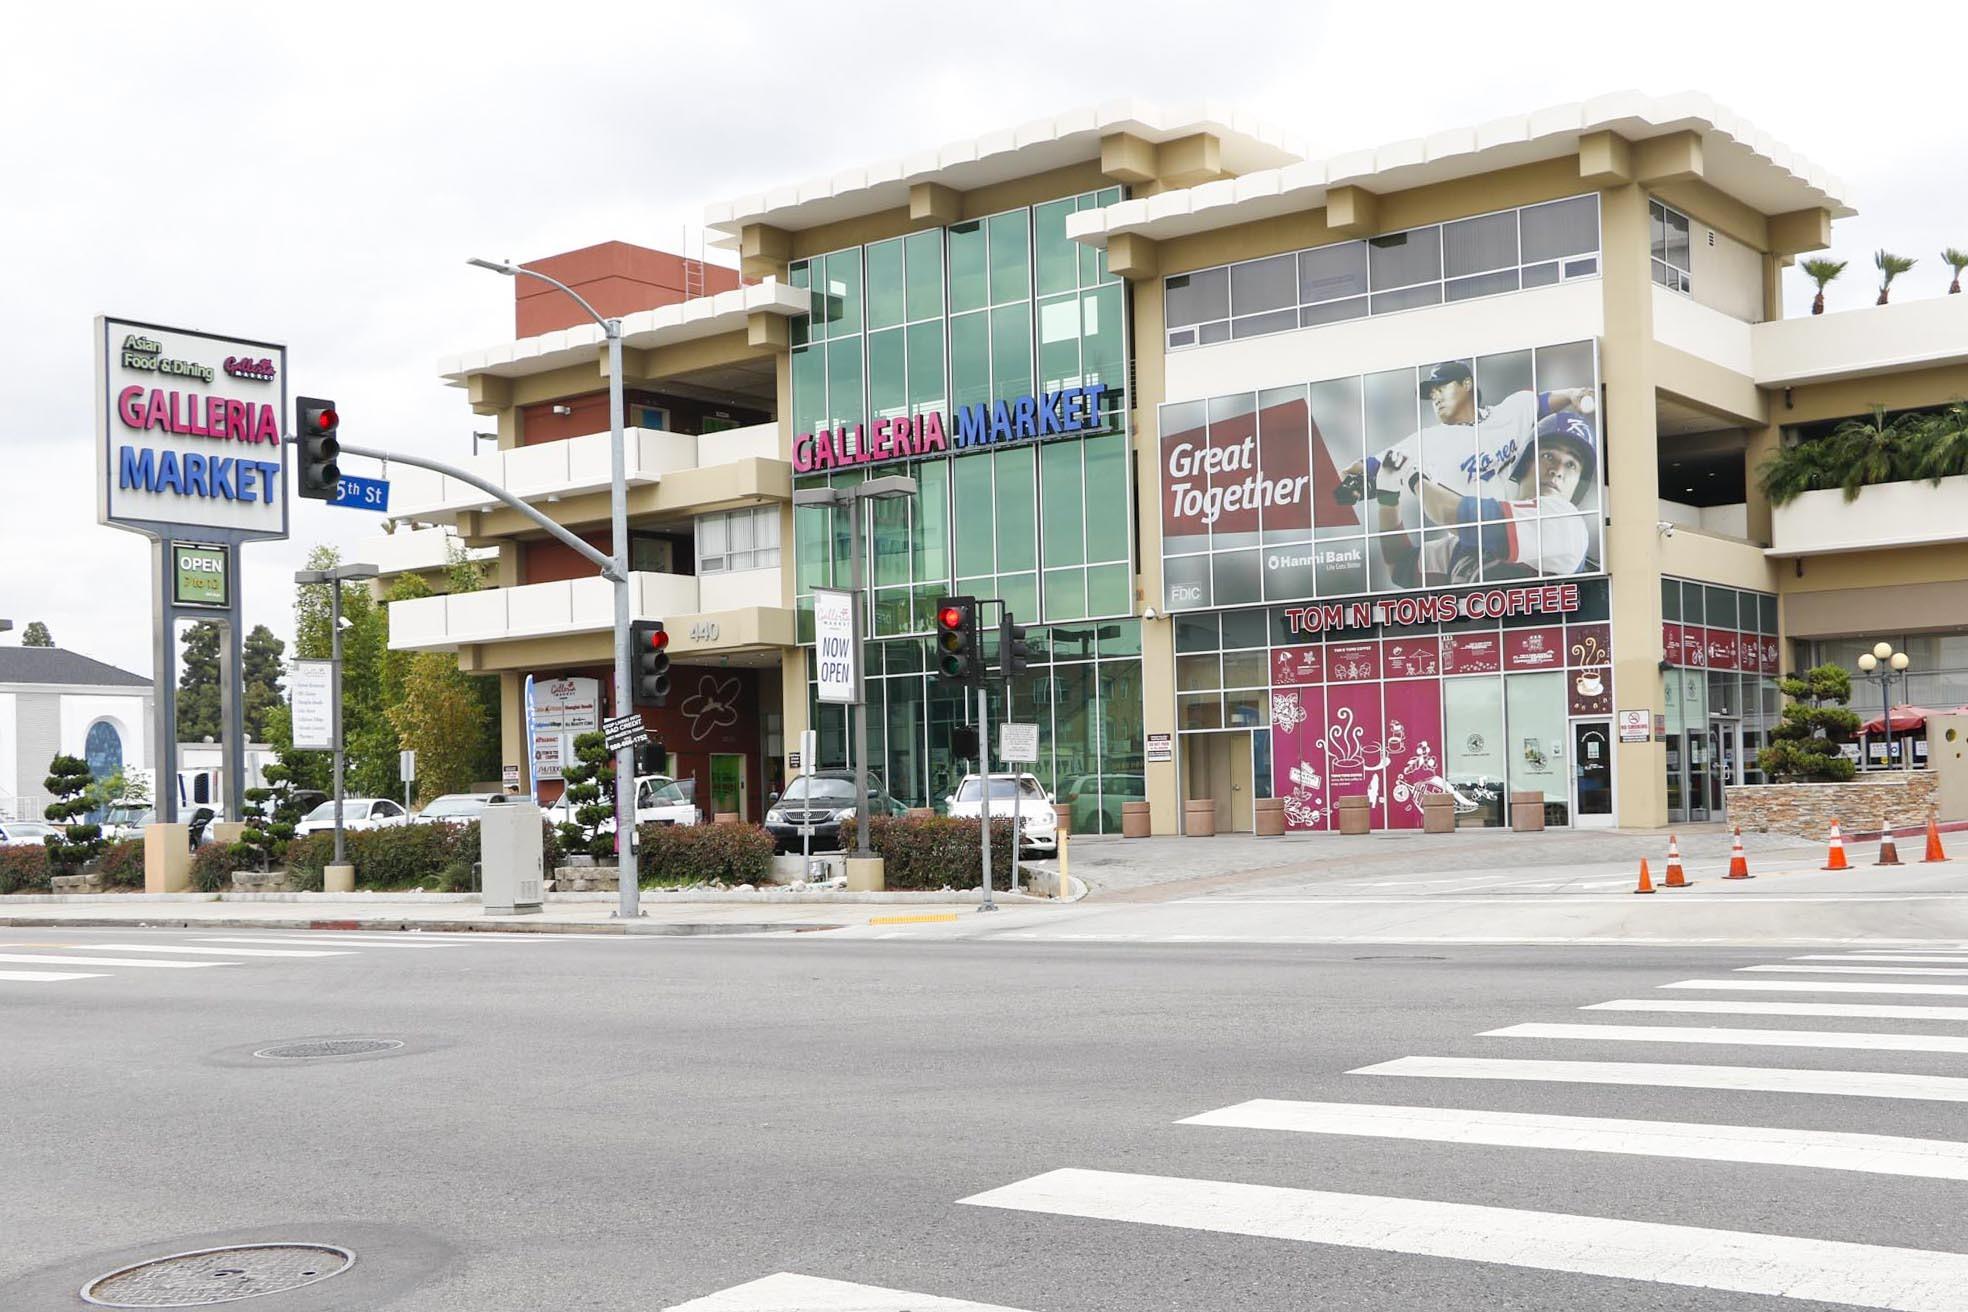 Galleria Market